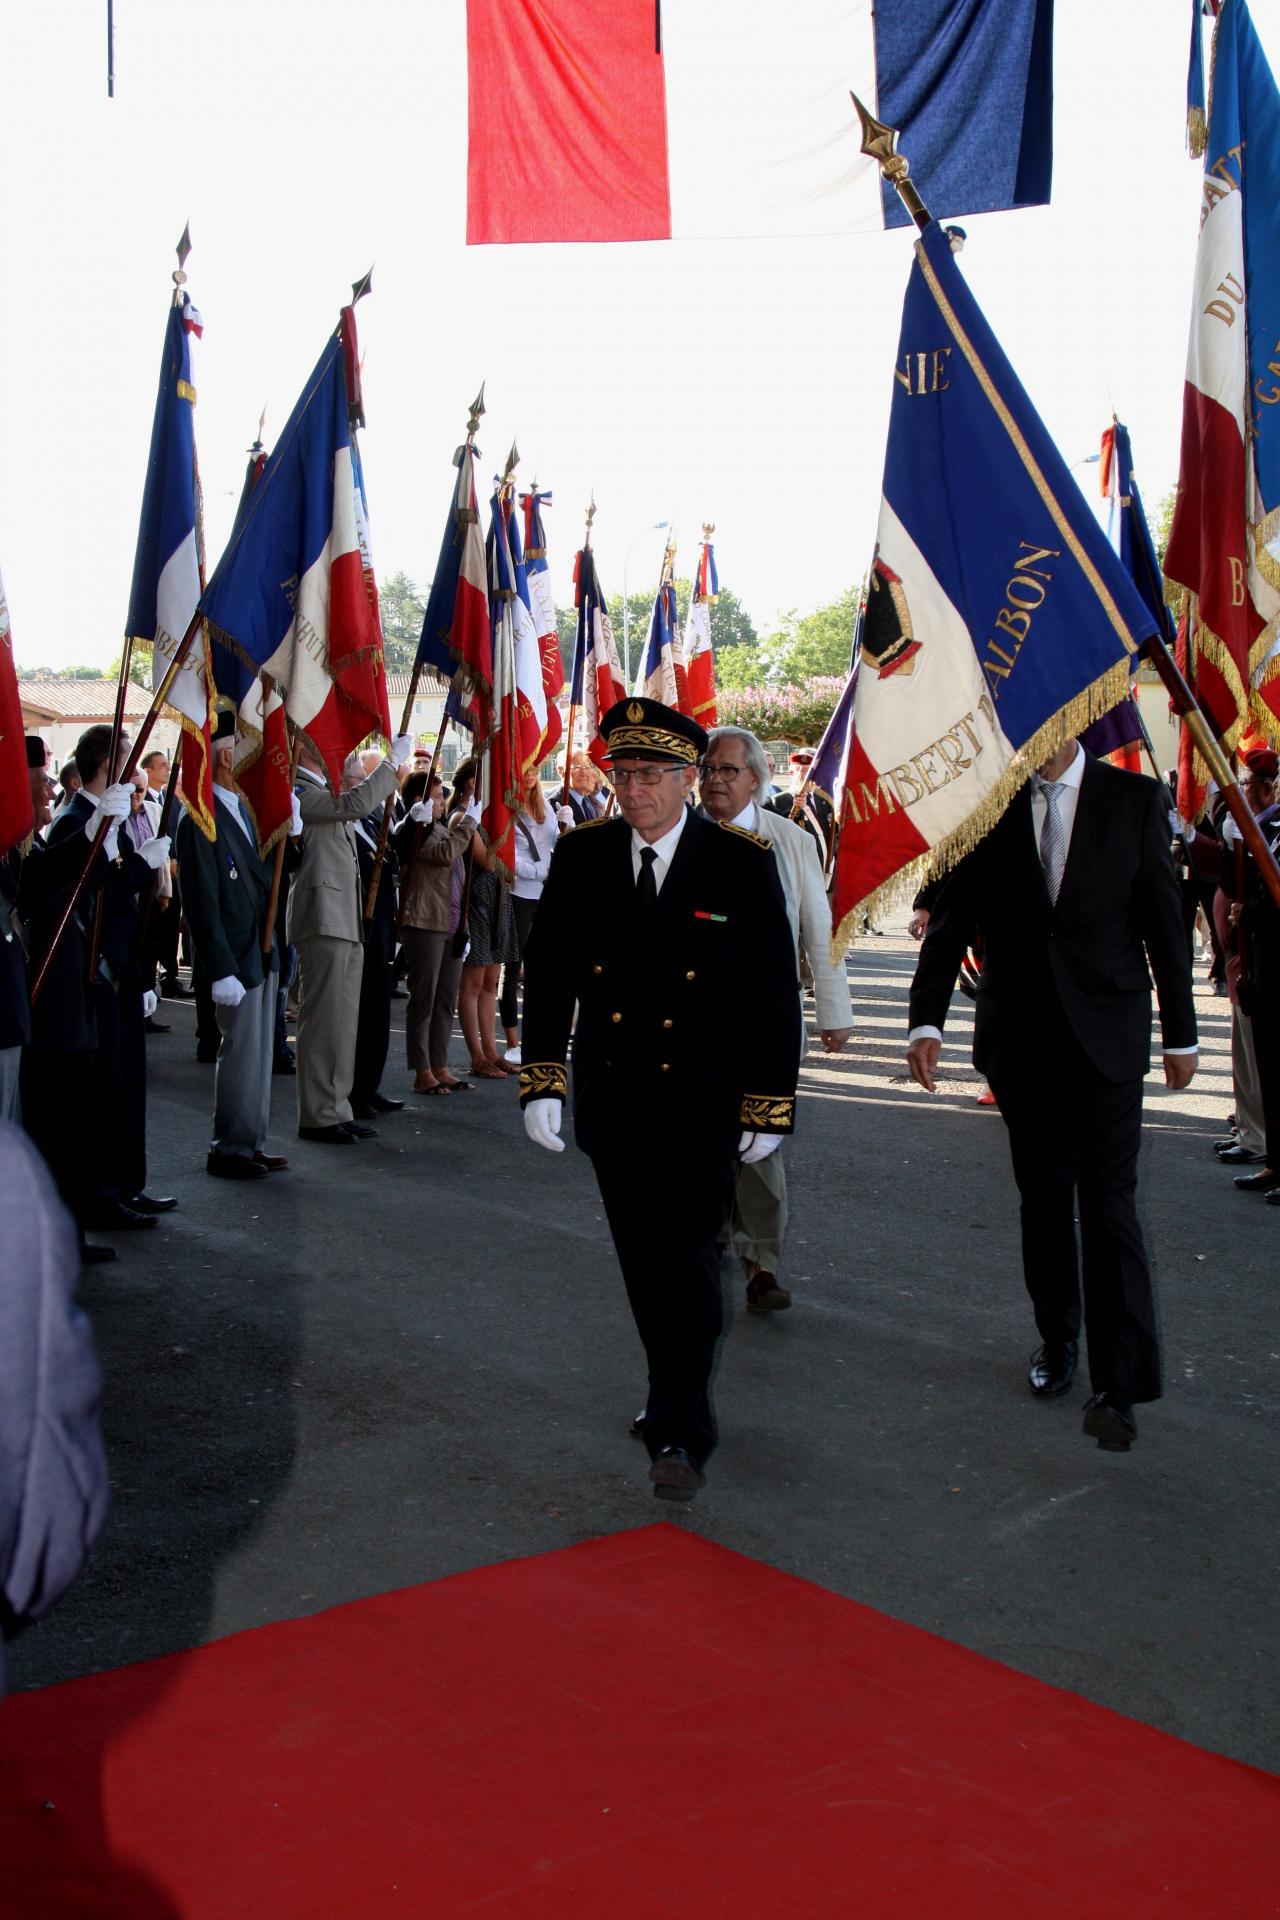 Mr le Sous Préfet accueilli par les portes drapeaux de l'Union Fédérale